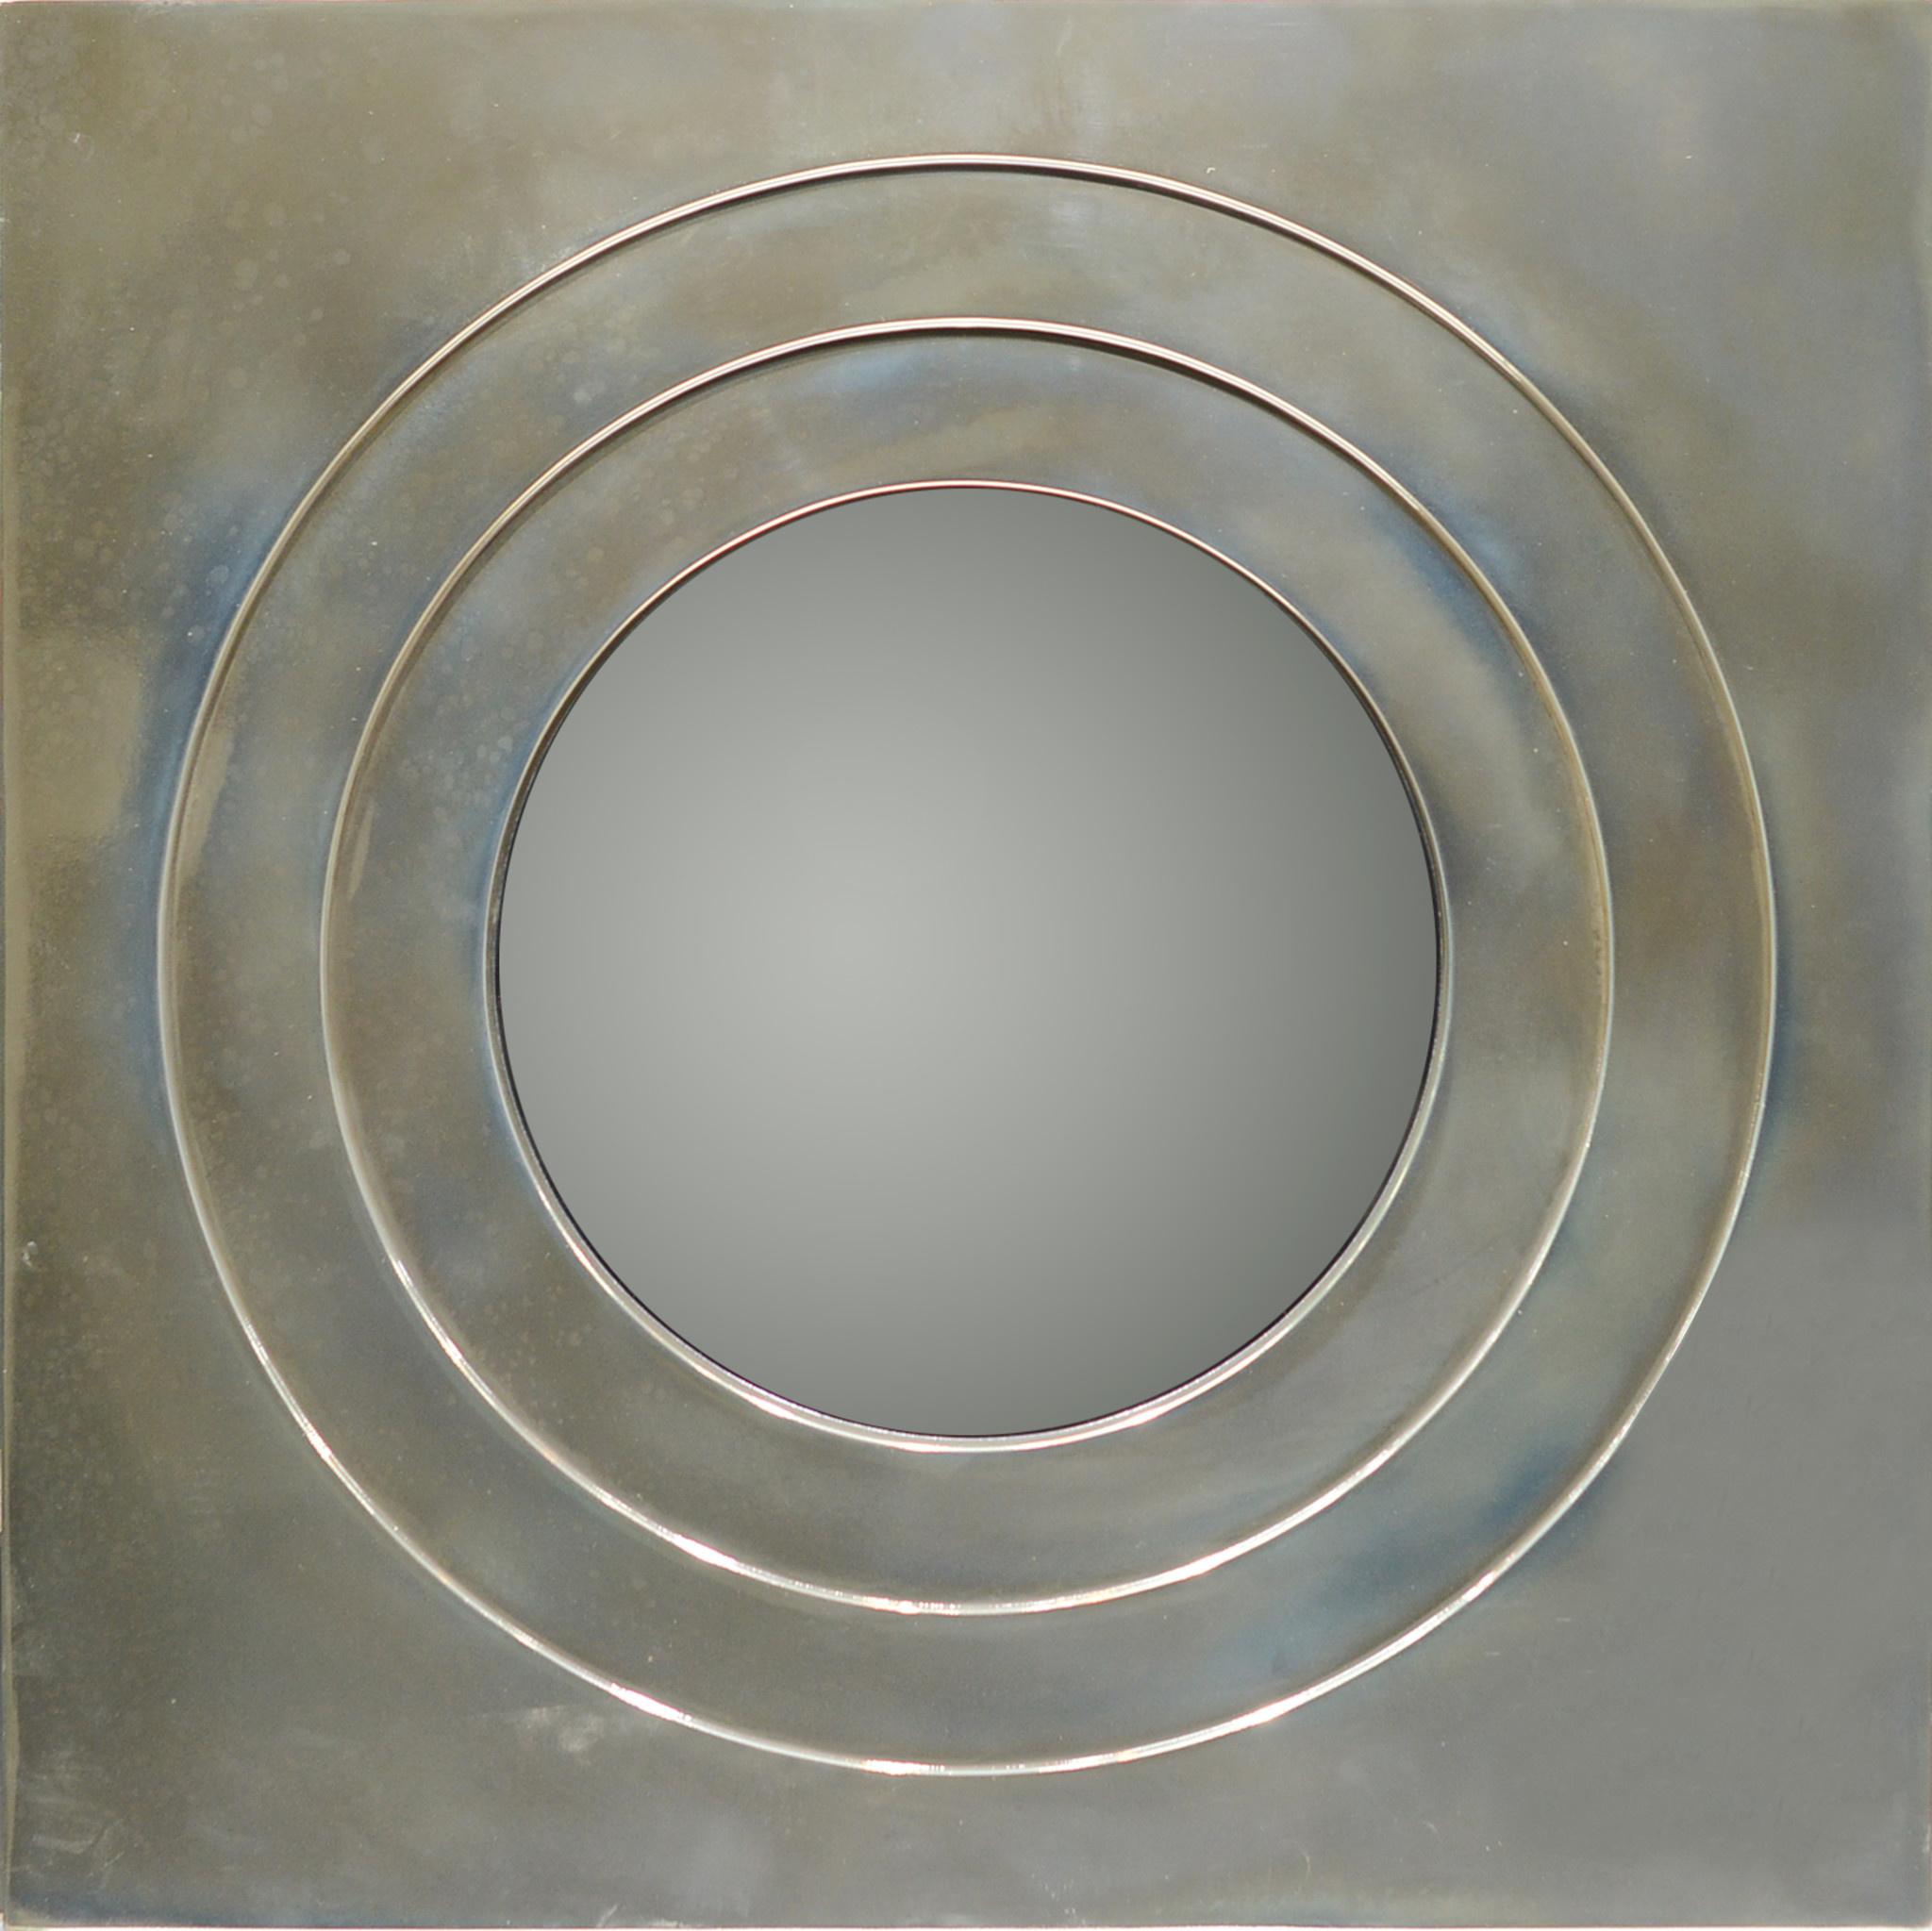 BALLAS MIRROR - disc